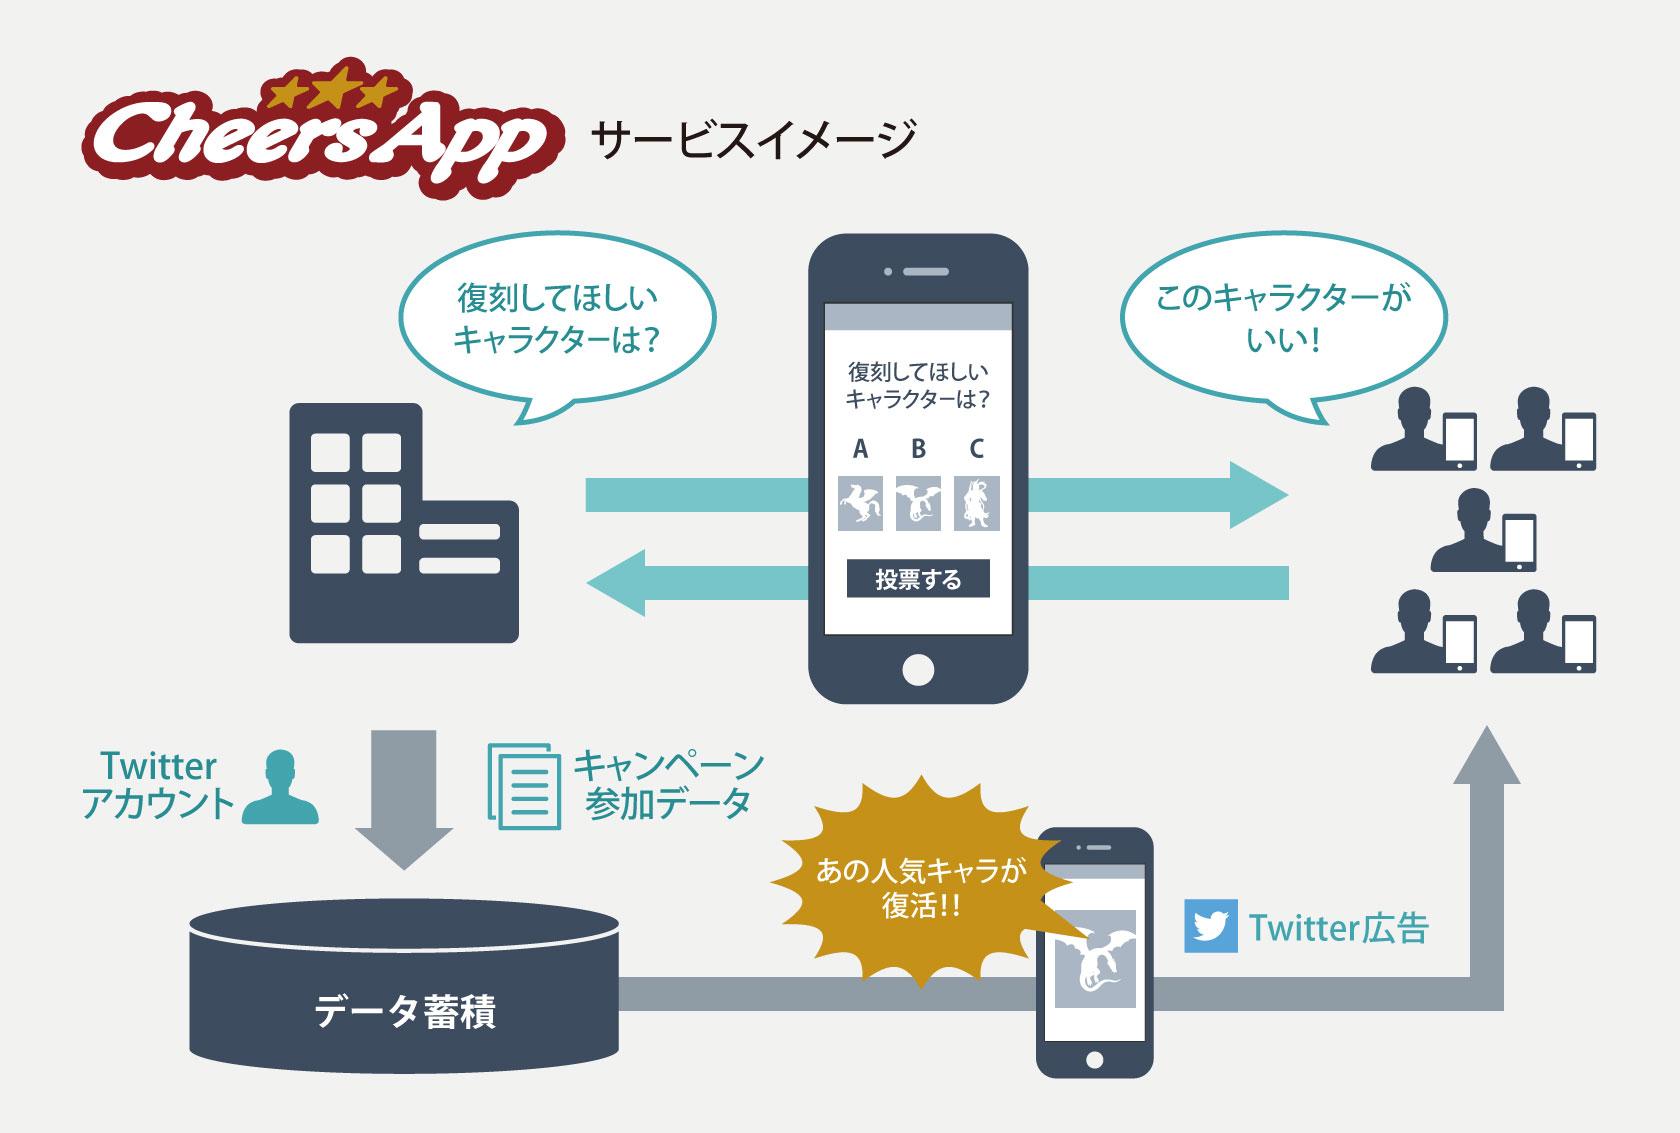 CheersApp_image.jpg